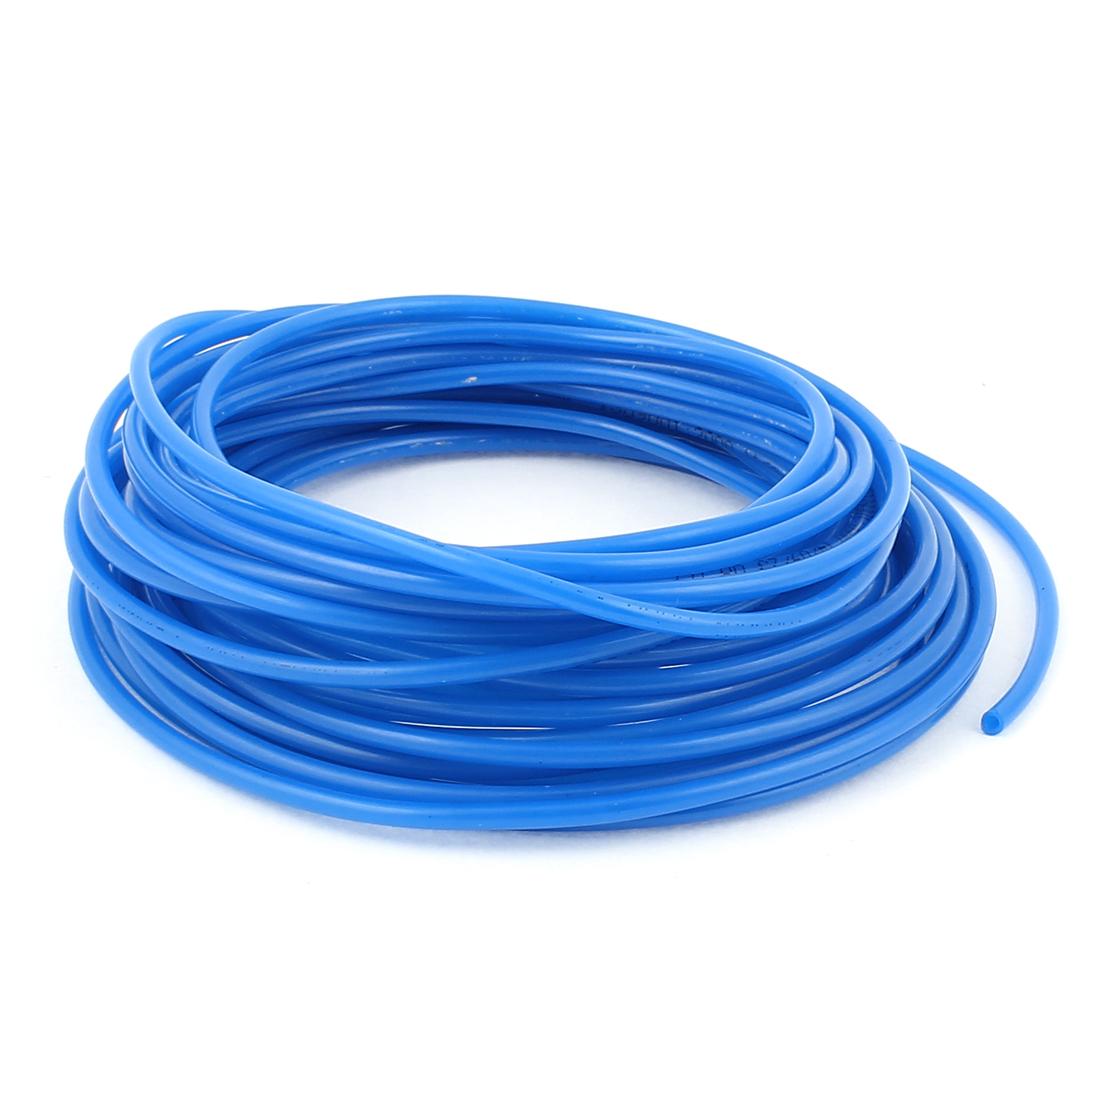 4mm x 2.5mm Pneumatic Air Compressor Tubing PU Hose Tube Pipe 10M Blue